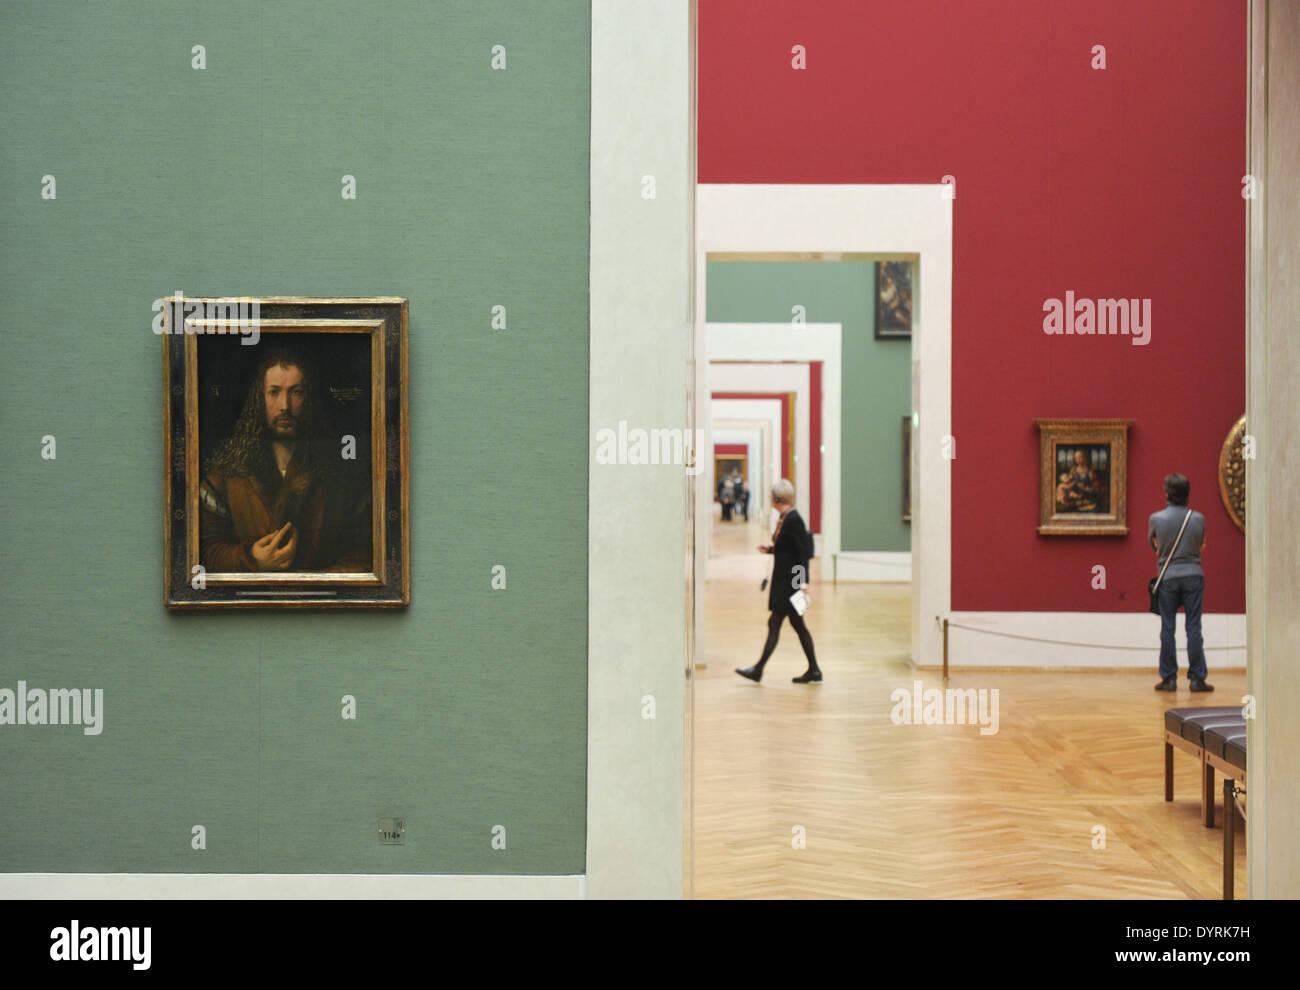 Ein Gemälde von Albrecht Duerer in der alten Pinakothek in München, 2012 Stockbild